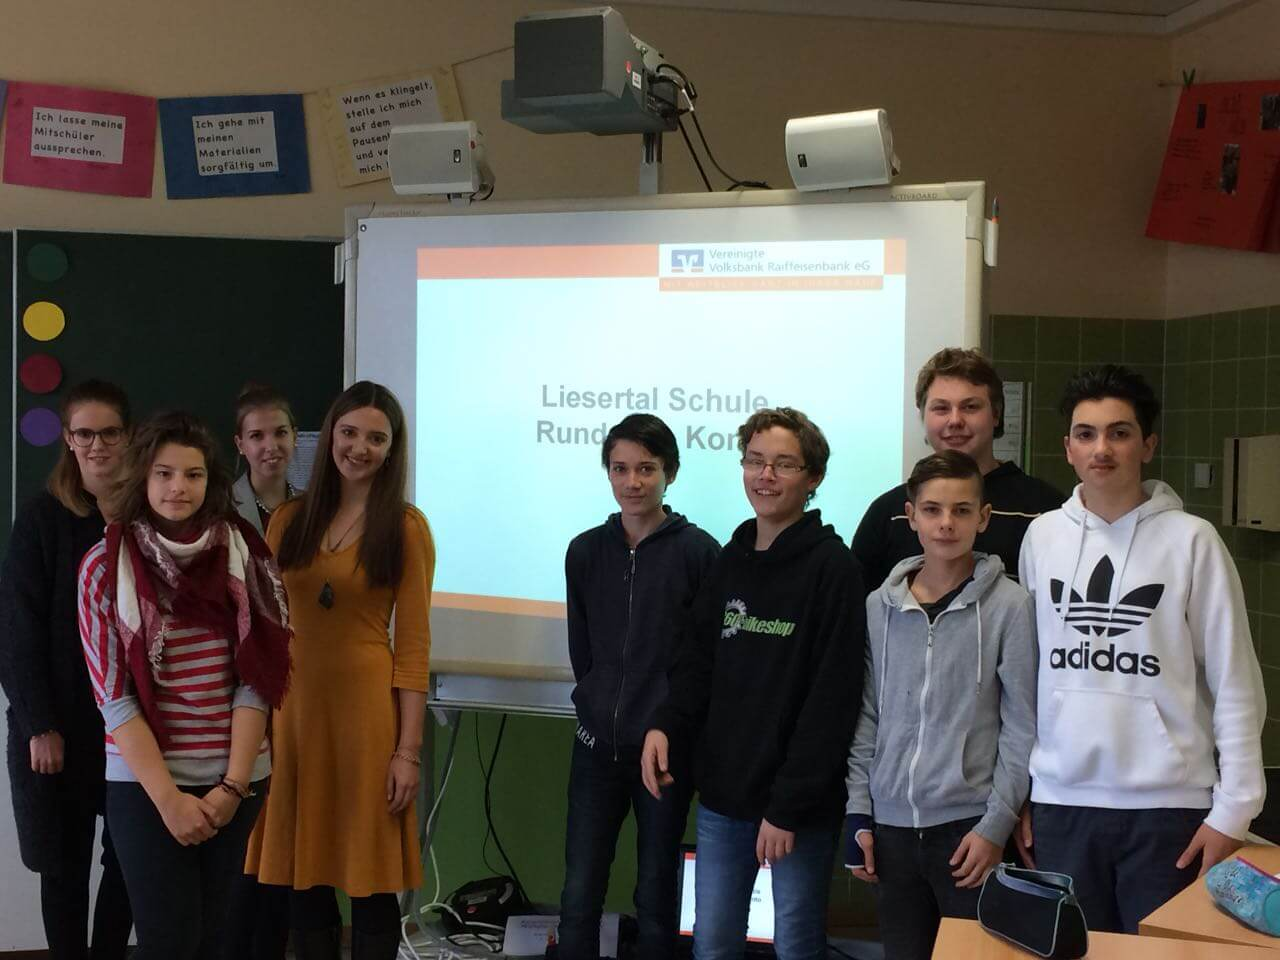 Ein Besuch in der Liesertal Schule